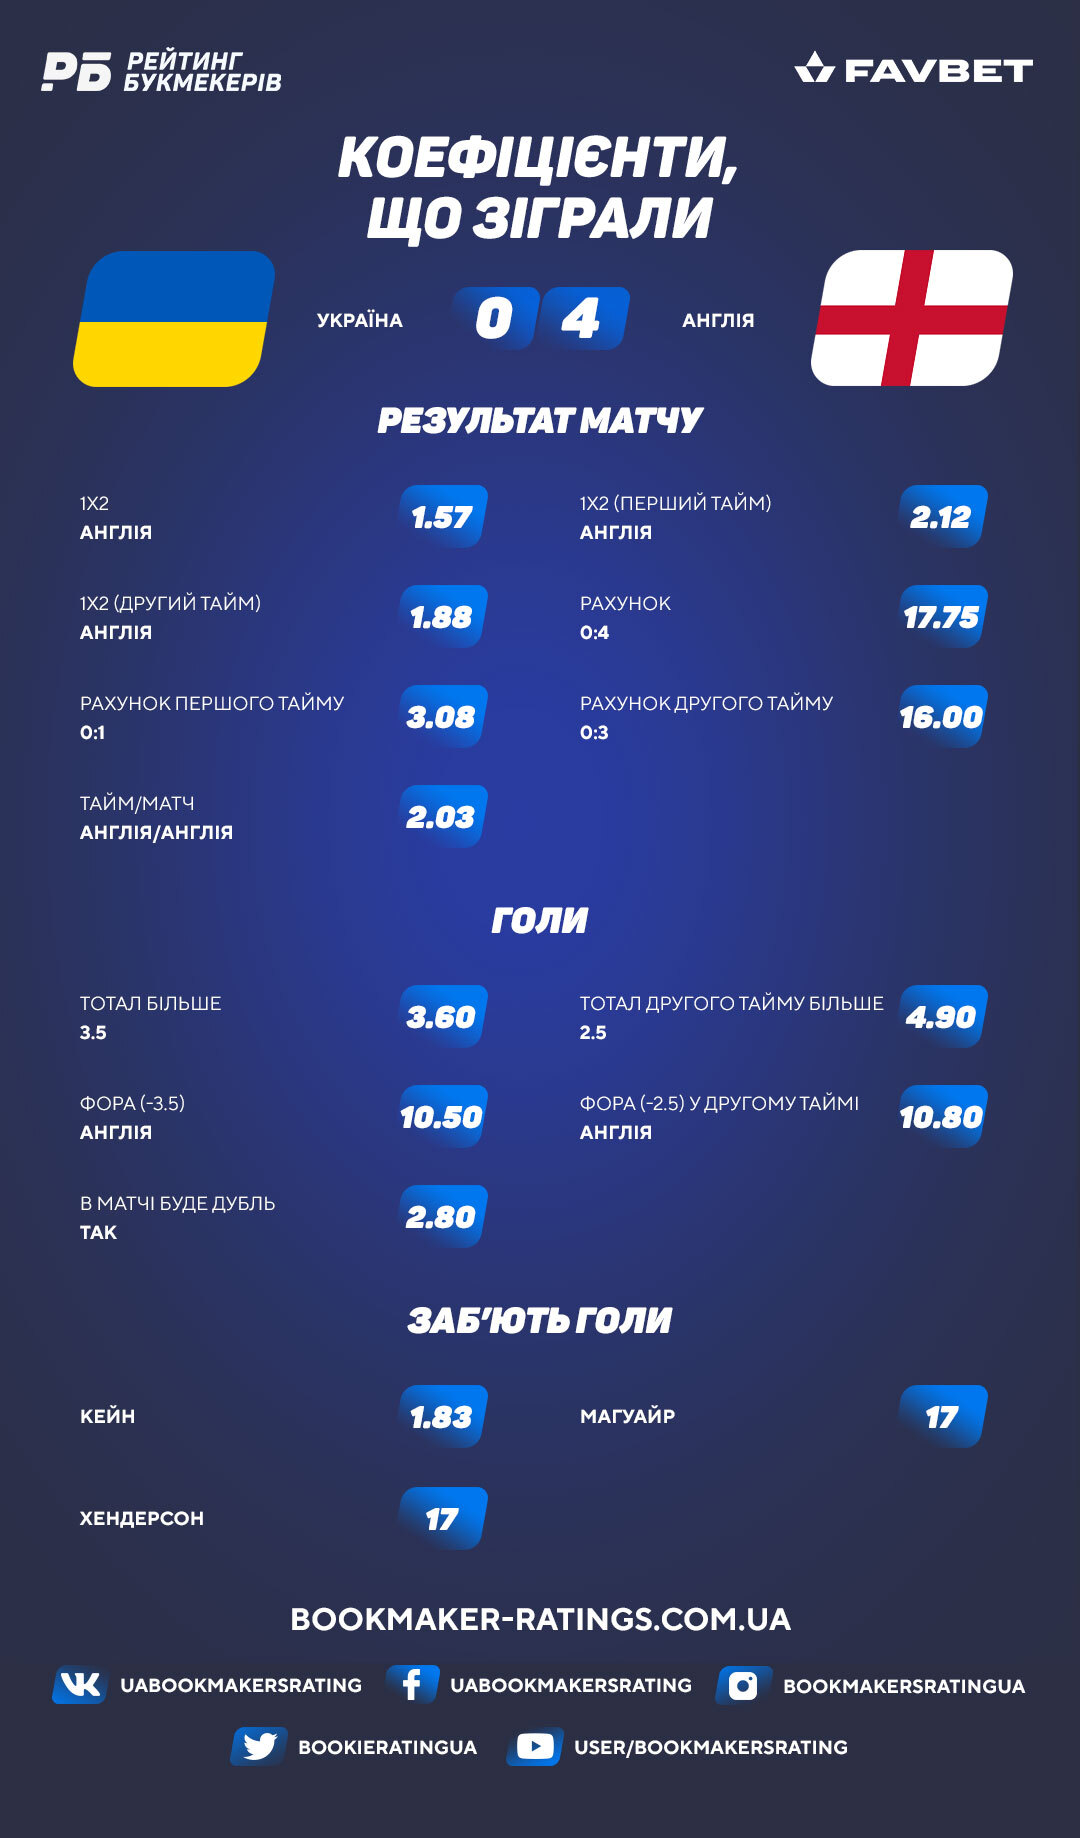 Коефіцієнти, що зіграли в матчі Україна - Англія (0:4)